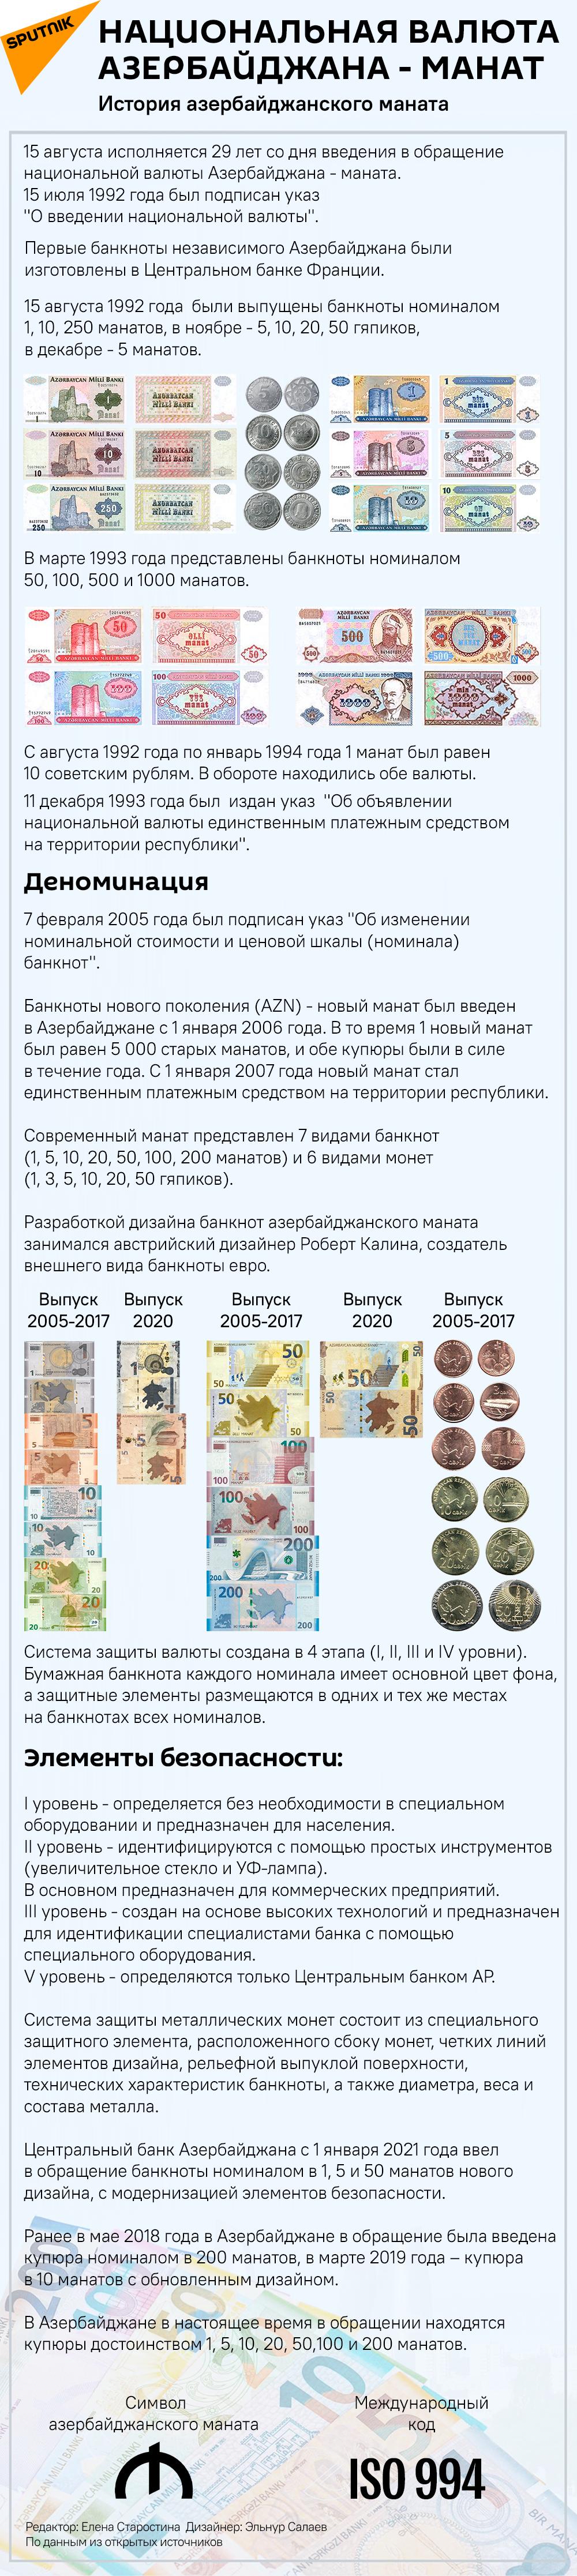 Инфографика: Национальная валюта Азербайджана - манат - Sputnik Азербайджан, 1920, 14.08.2021